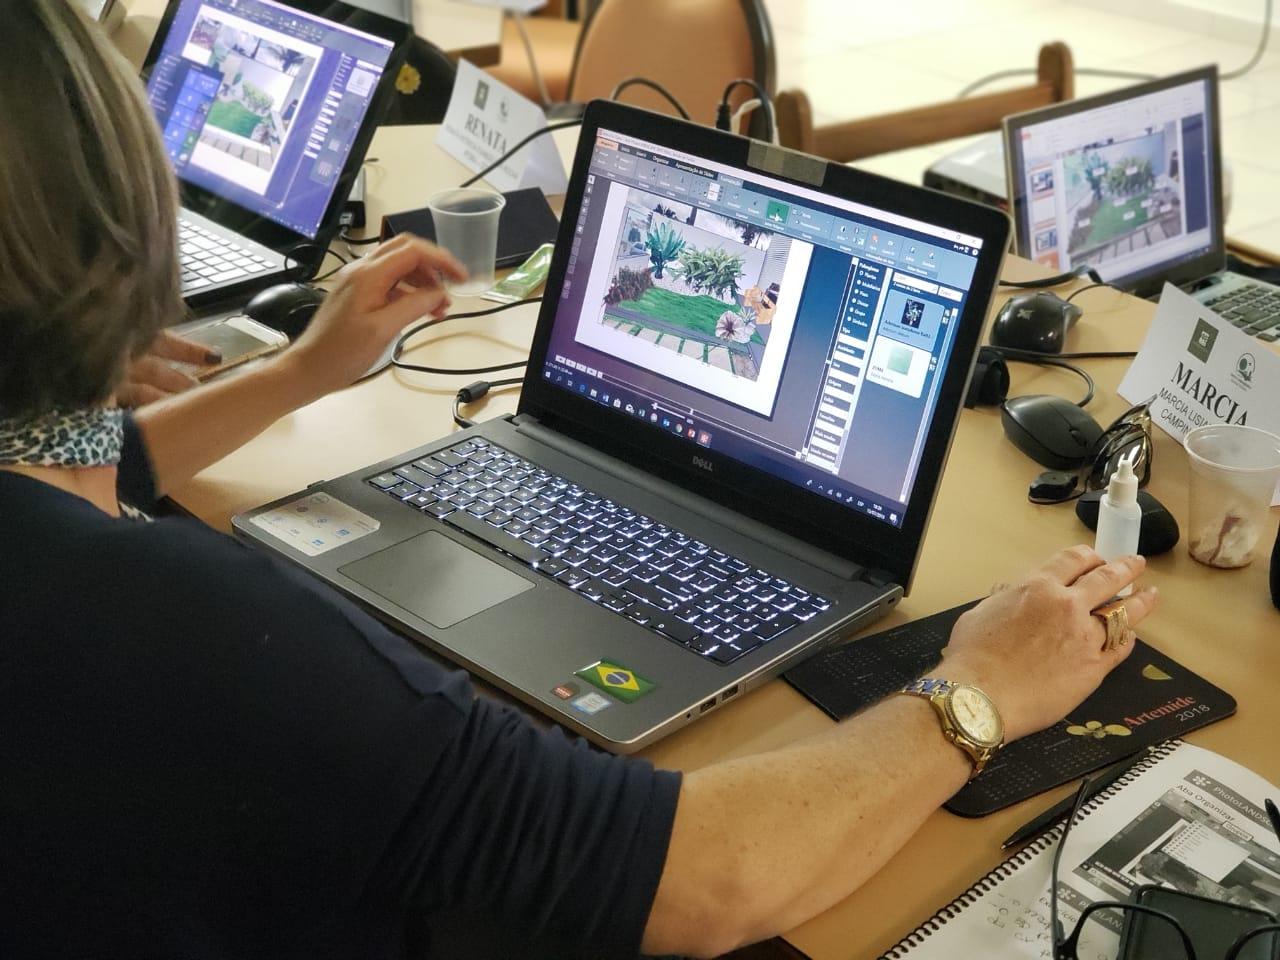 1ª Semana de Cursos Online da Universidade AuE Software